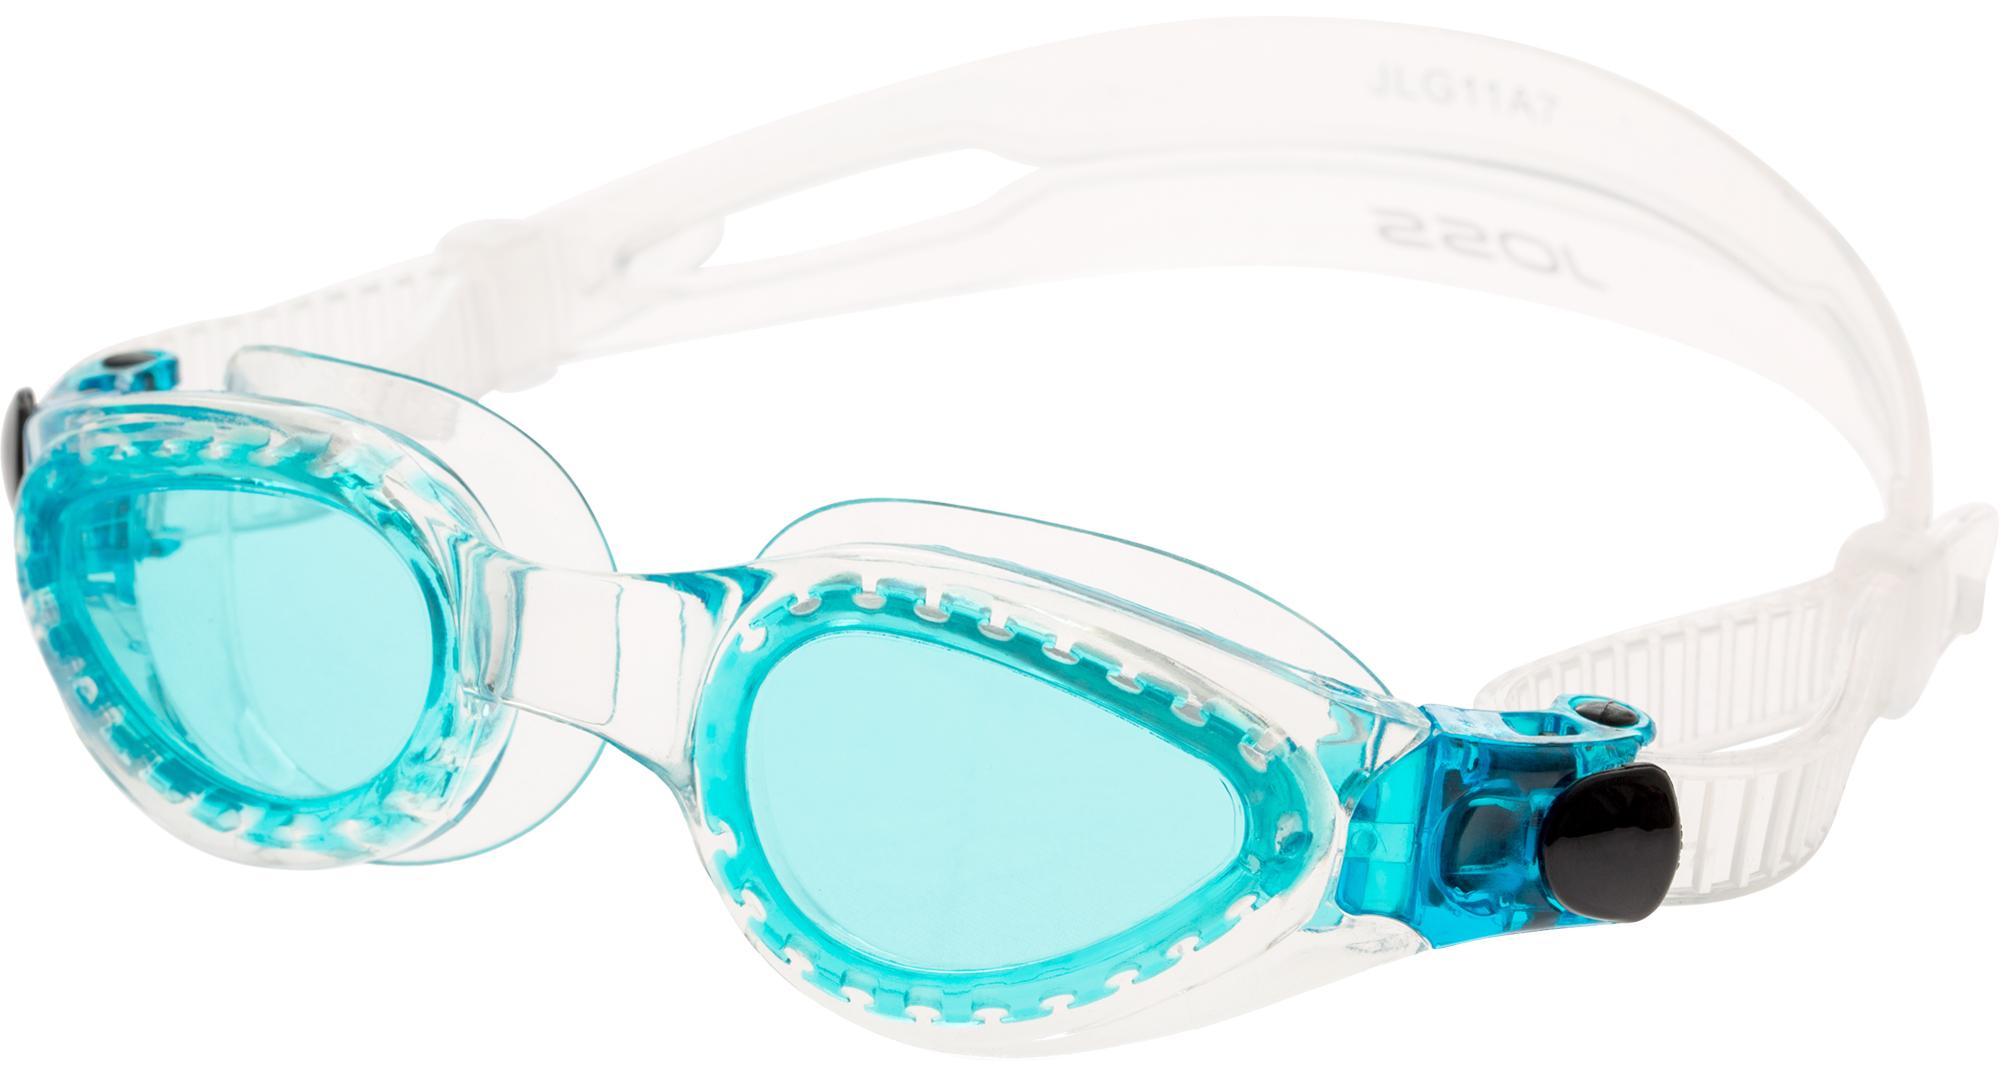 Joss Очки для плавания детские Joss, размер Без размера очки для плавания saeko очки для плавания